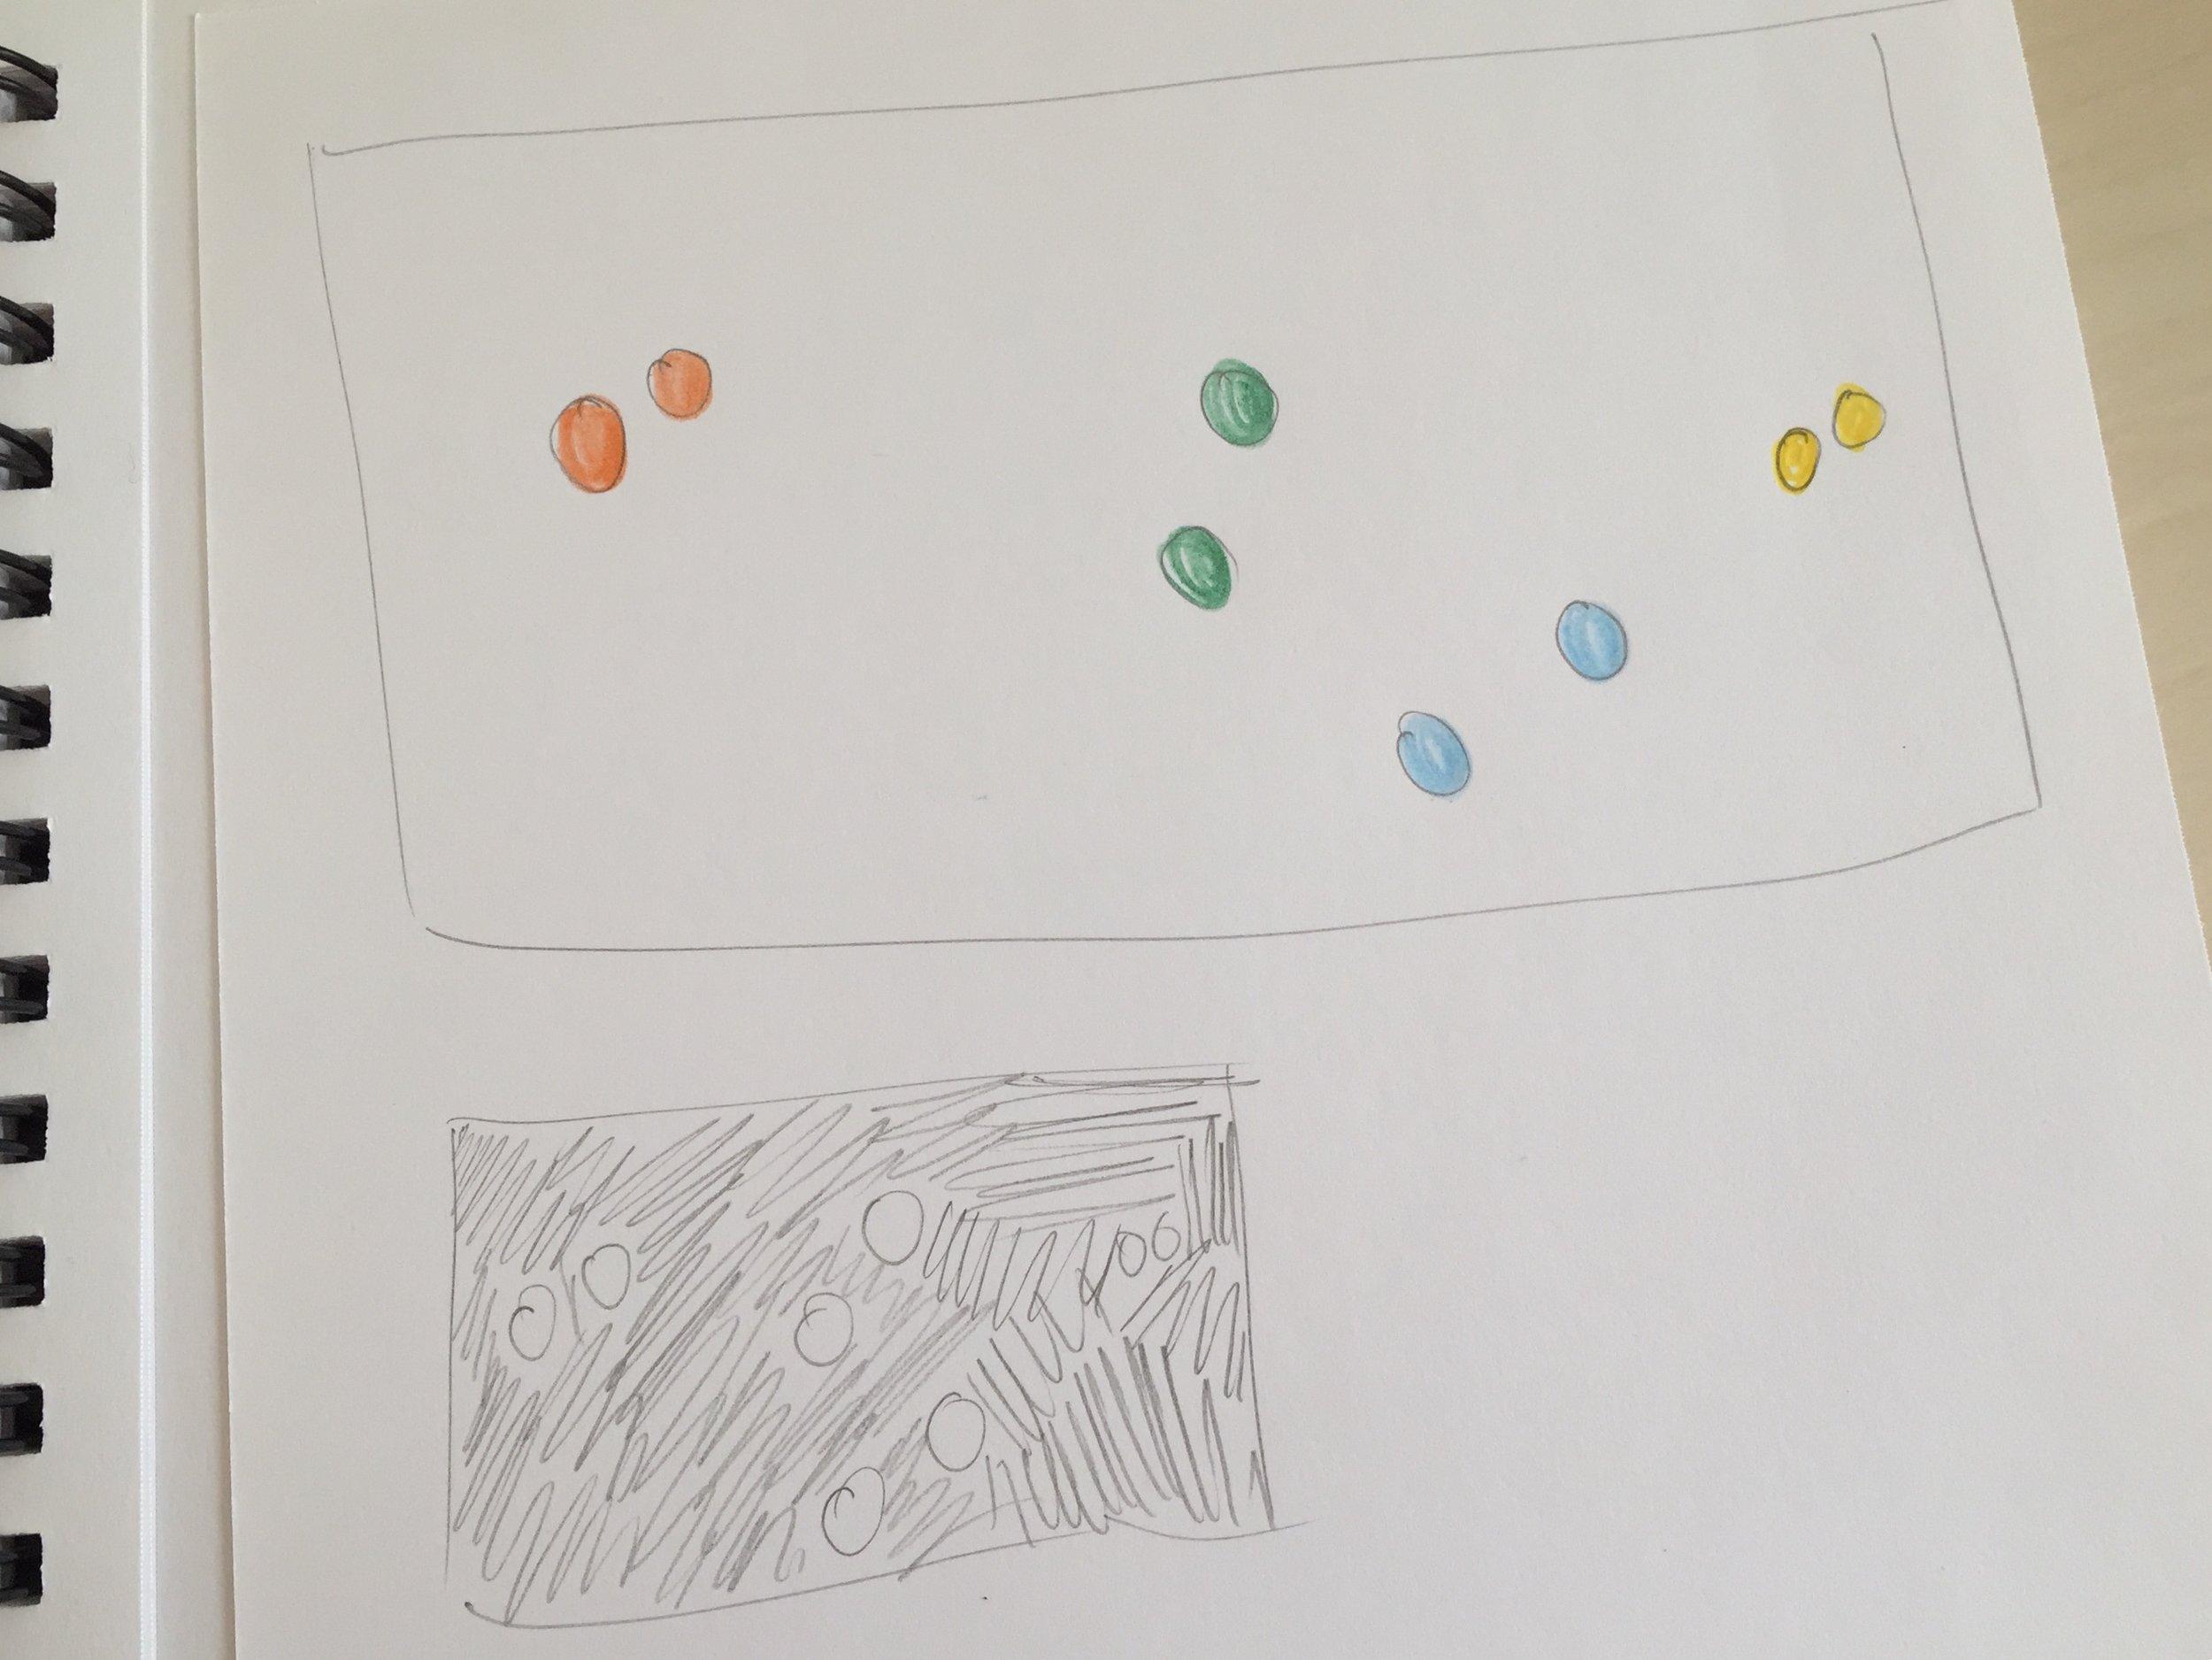 sketch of balls simple.jpg